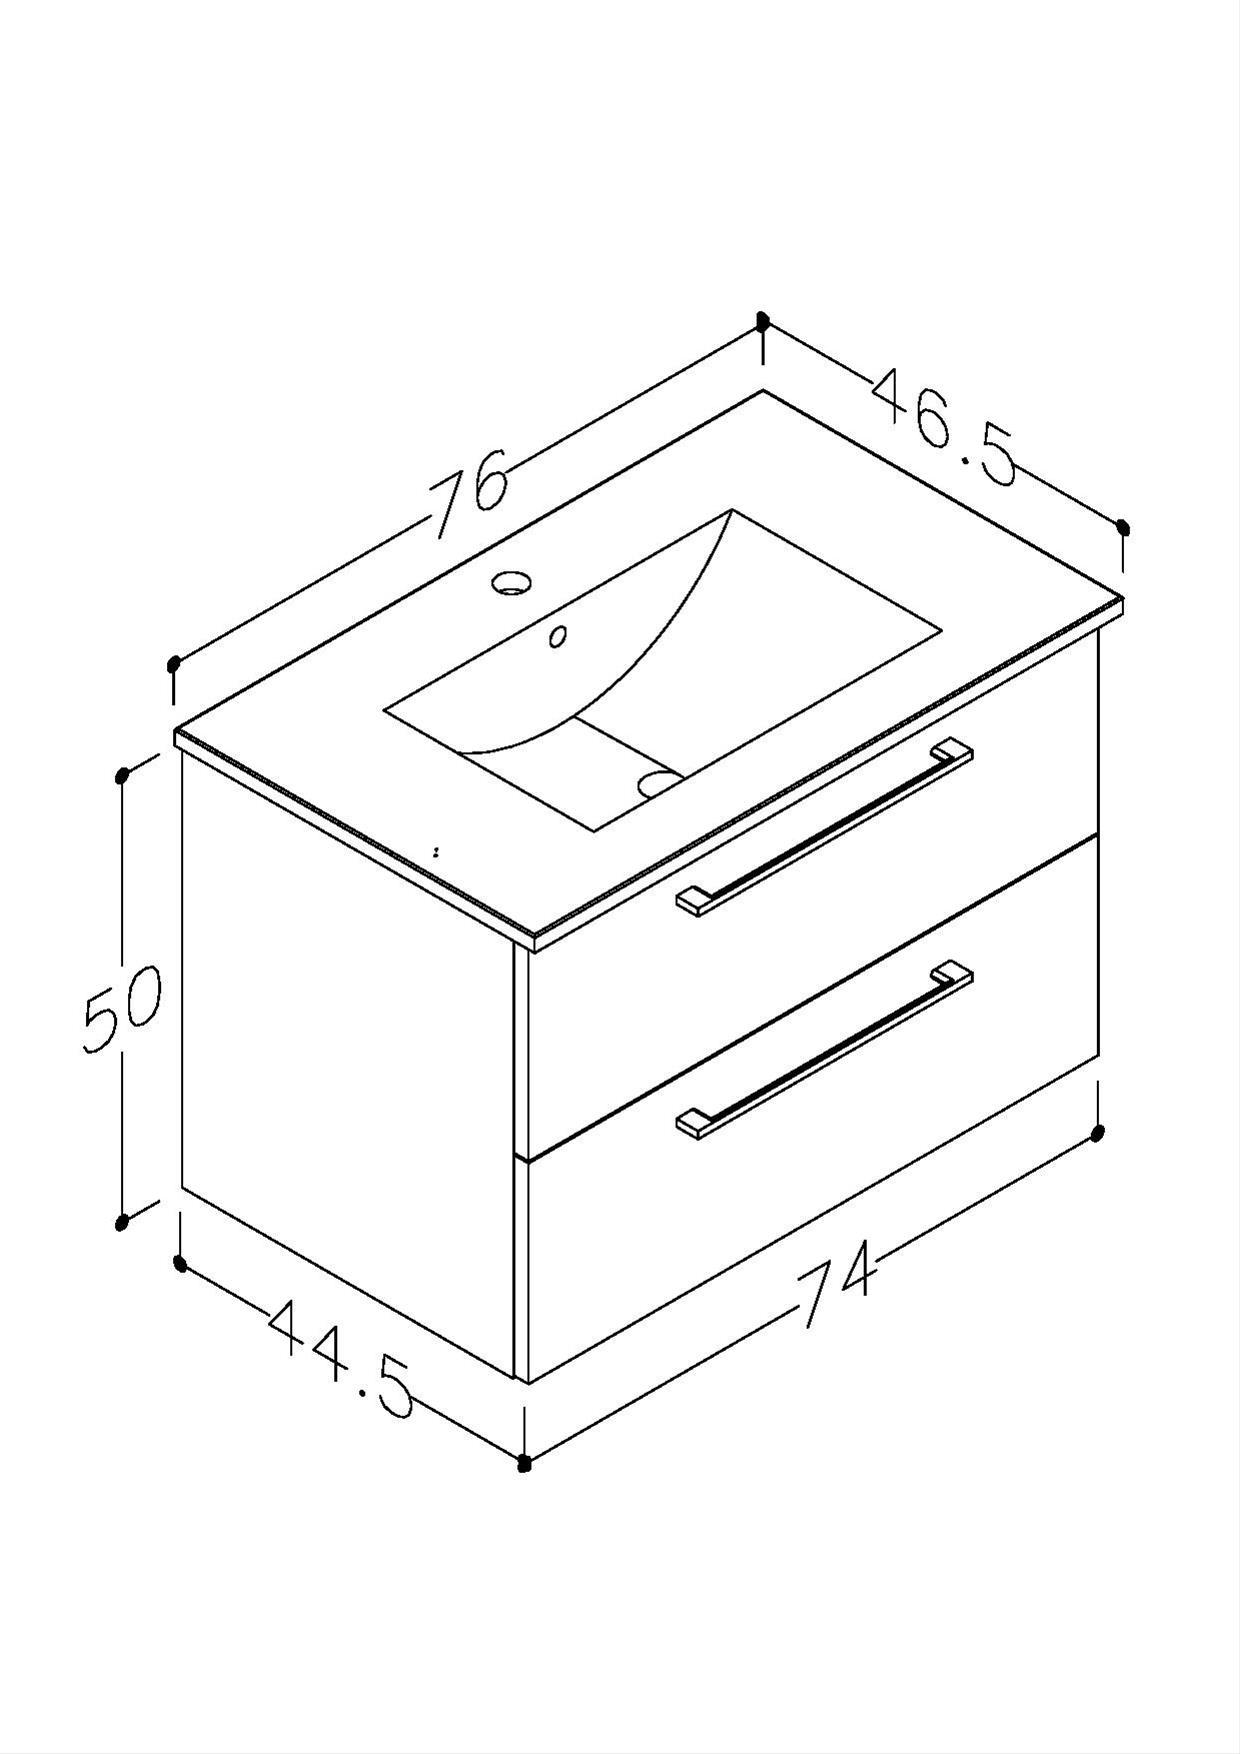 Bad Waschtischunterschrank mit Keramik-Waschtisch Allegro 76 Grau glänzend Bild 2